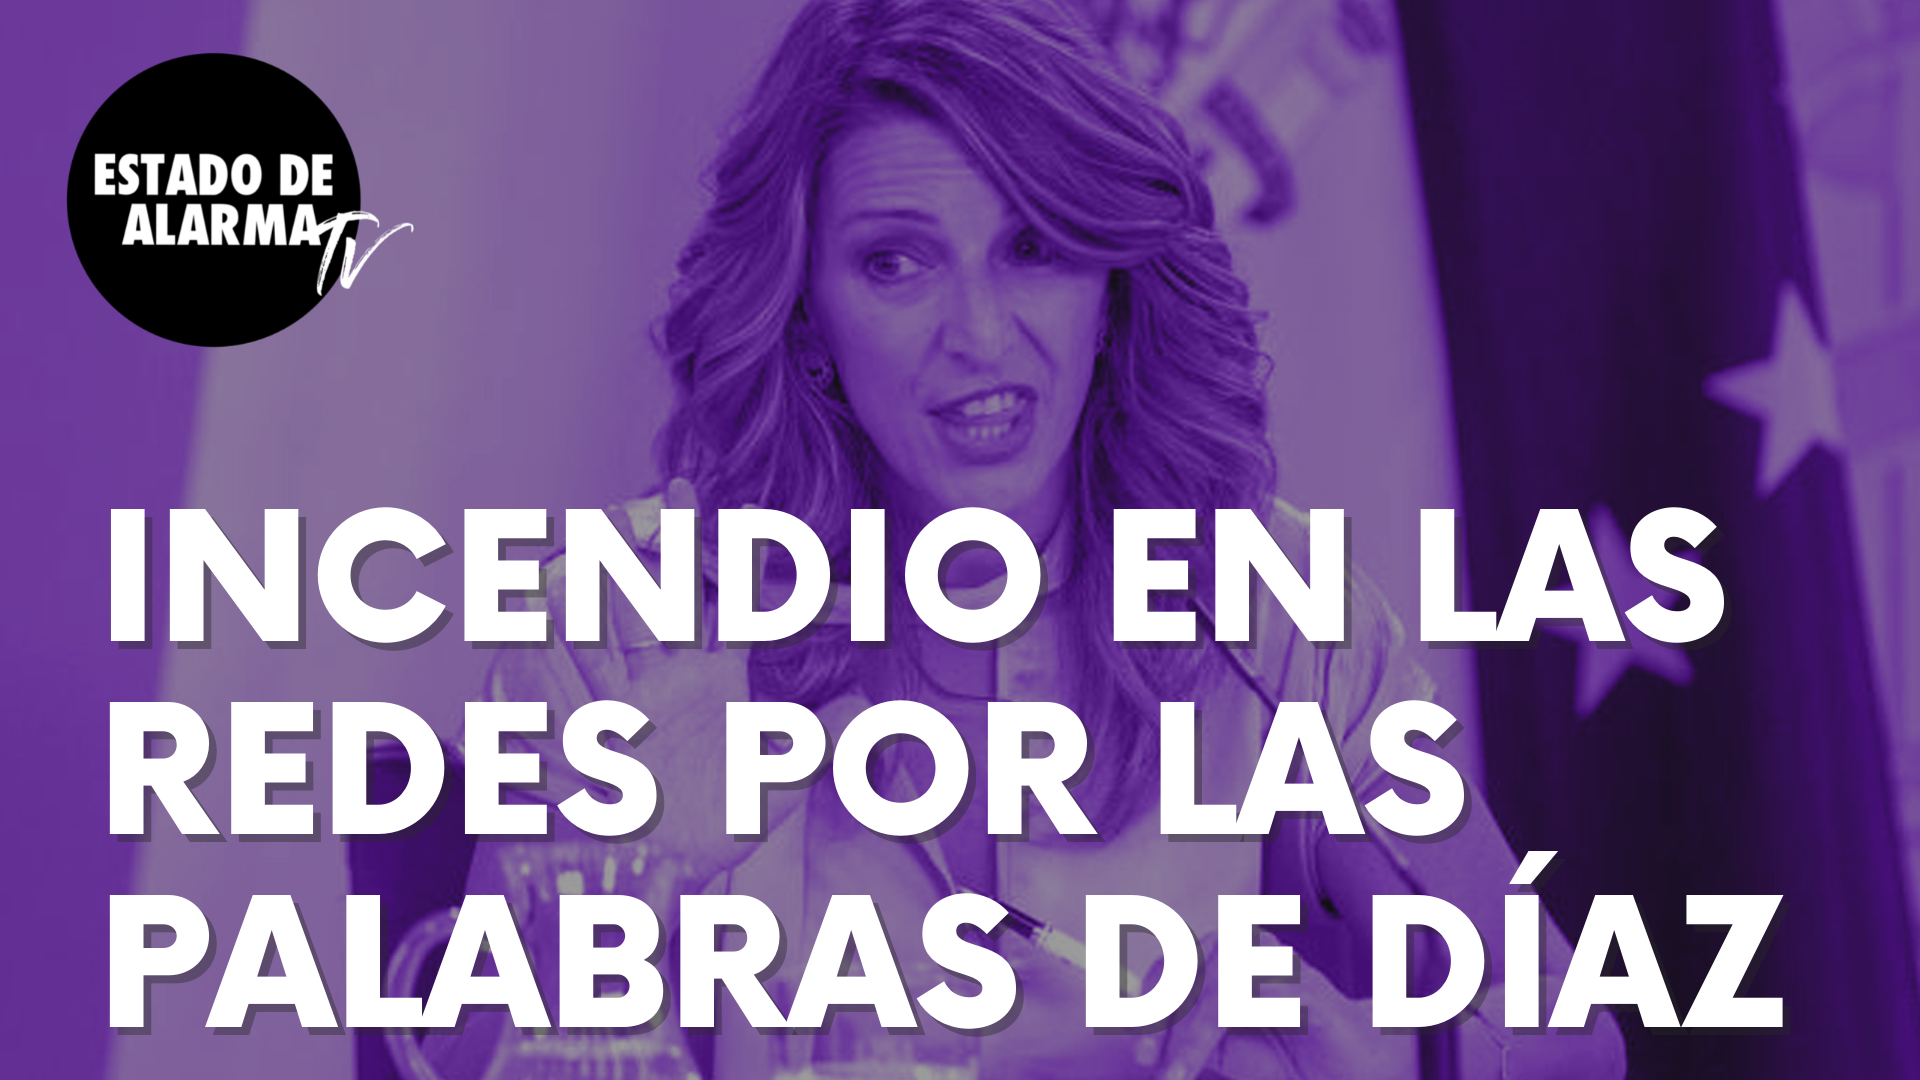 """Las palabras de la ministra de Trabajo, Yolanda Díaz, que incendian las redes: """"Empieza ahora"""""""